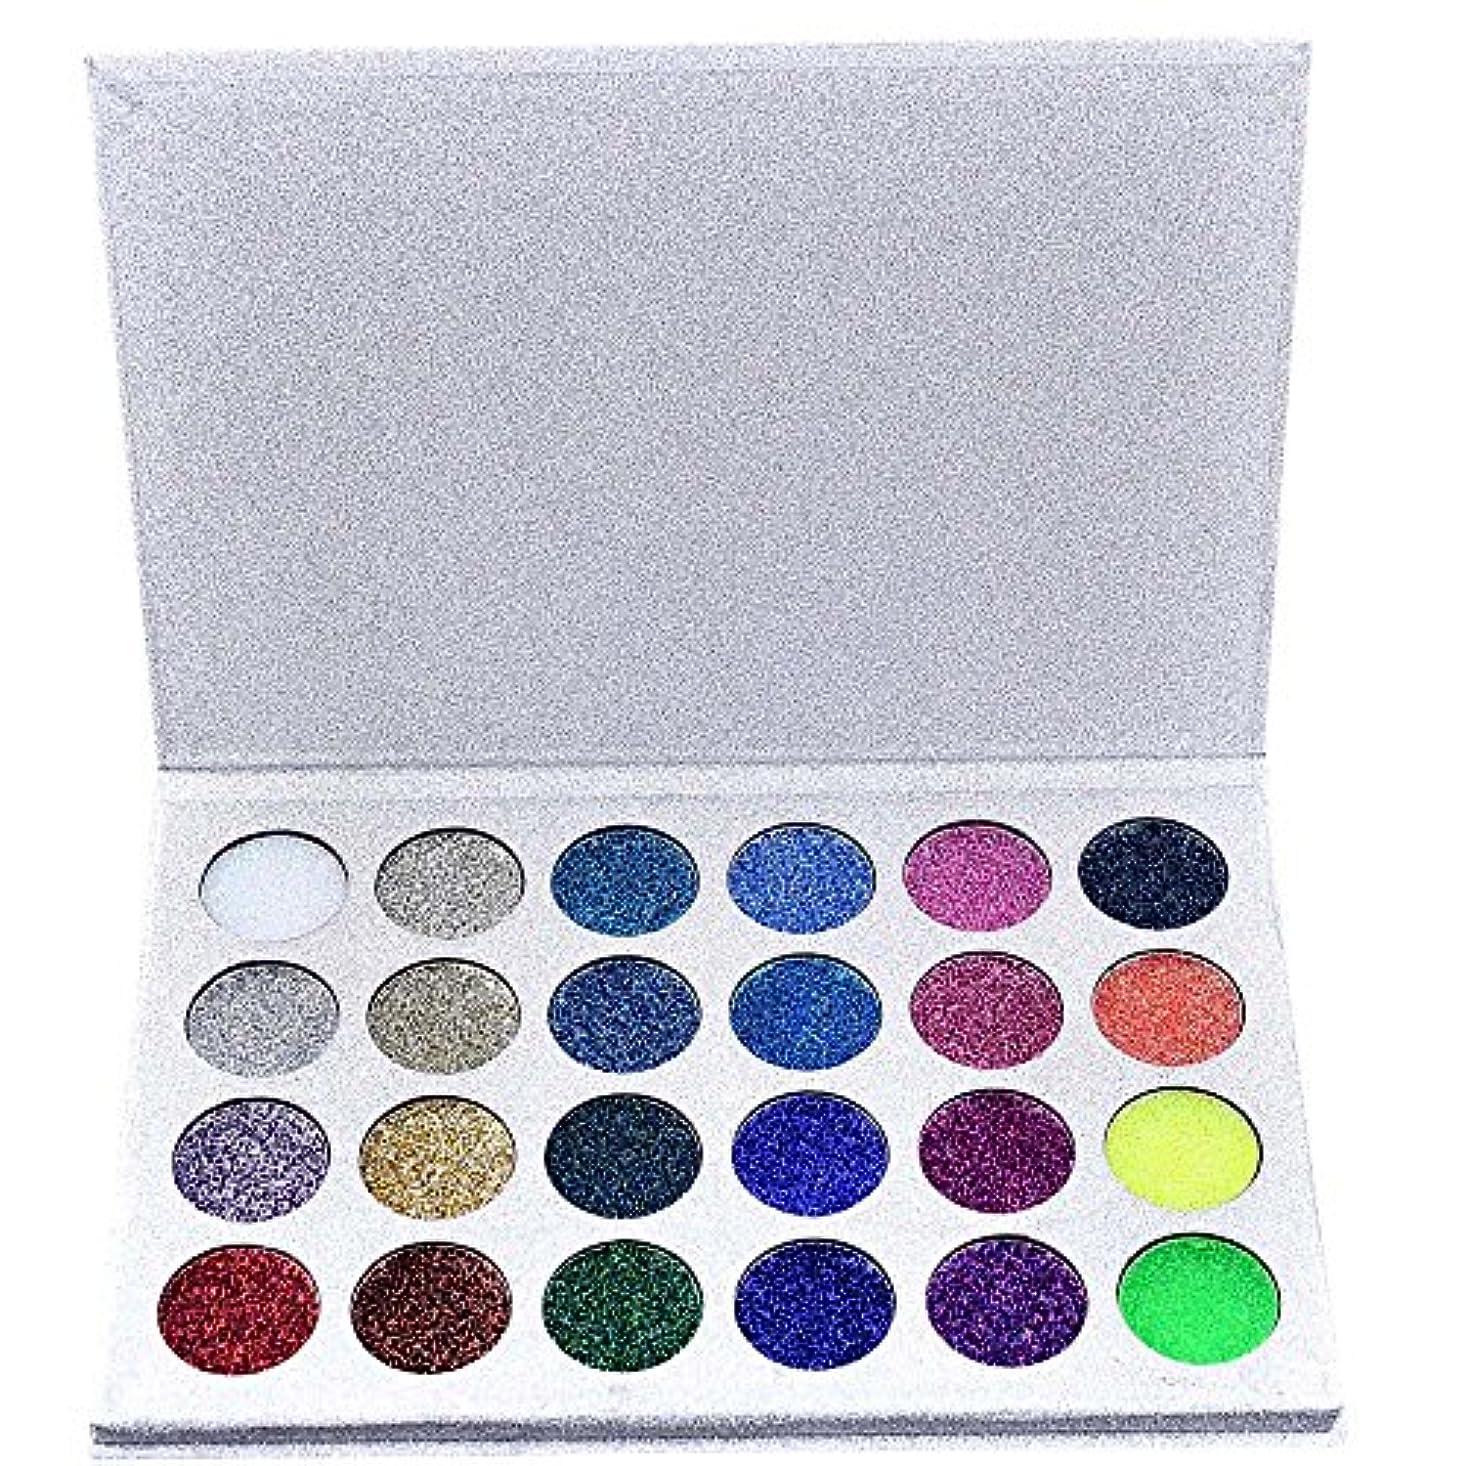 栄光の準備するチャネル24色化粧品パウダーアイシャドーパレットメイクナチュラルシマーマットセット